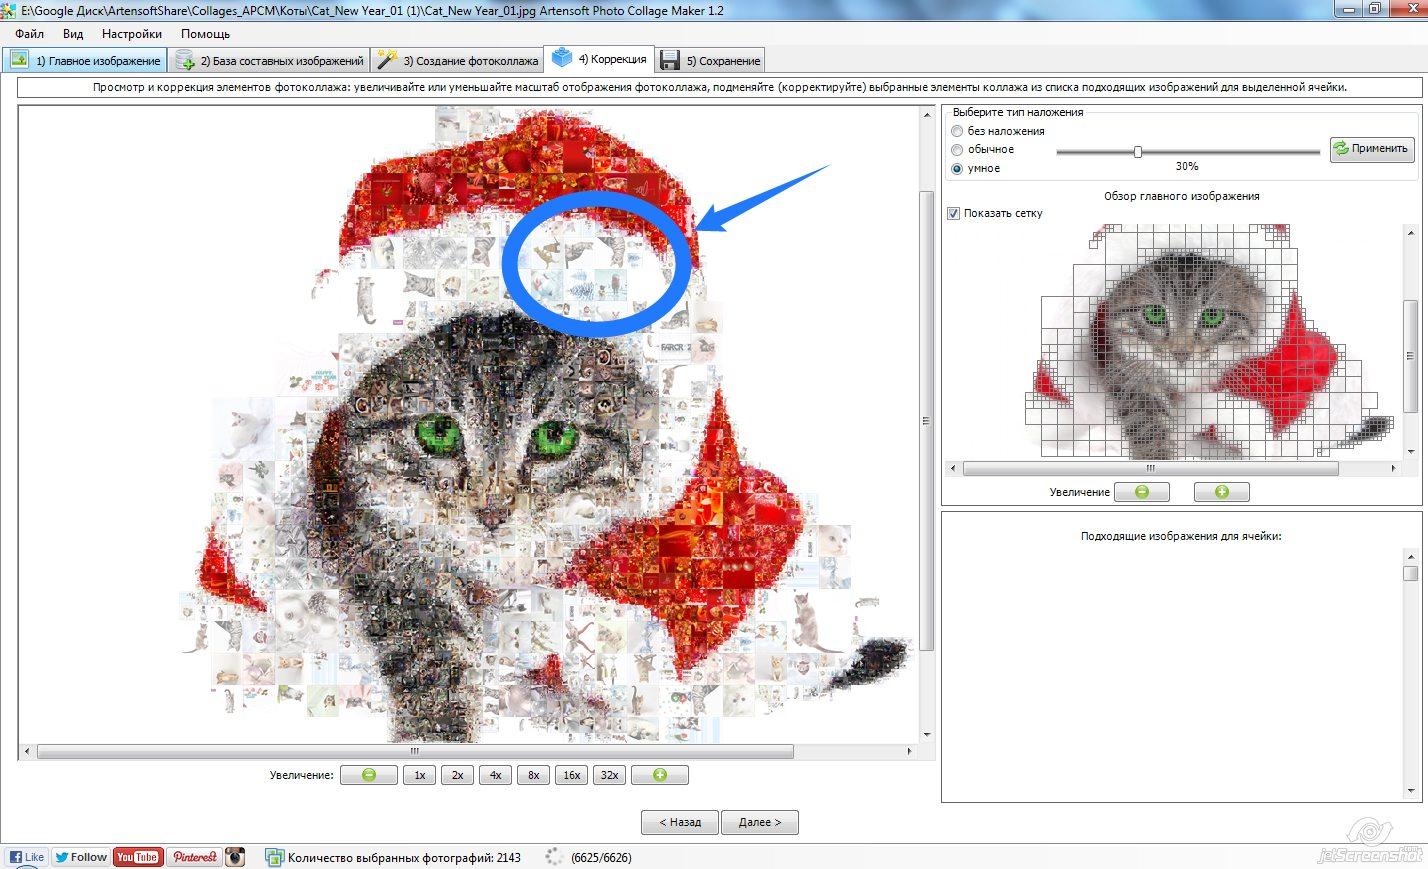 Как сделать коллаж из фотографий в ...: artensoft.ru/how-to-make-a-collage-from-photos-cats.php